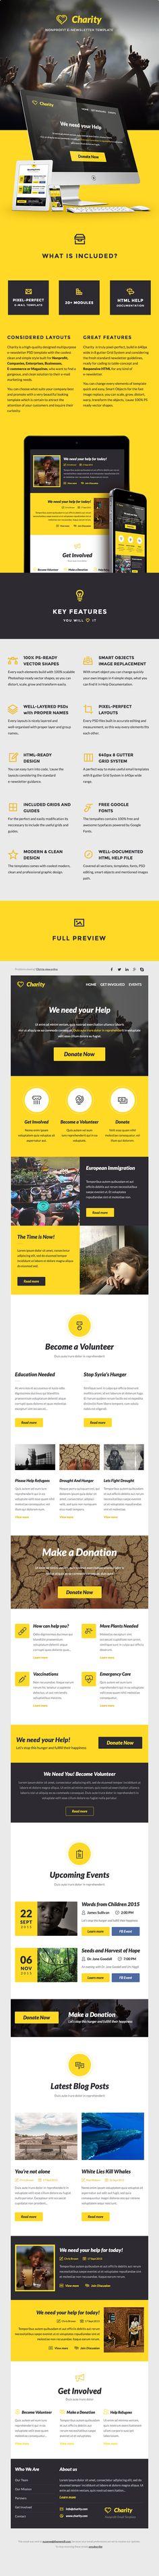 121 best non profit e newsletter images on pinterest non profit